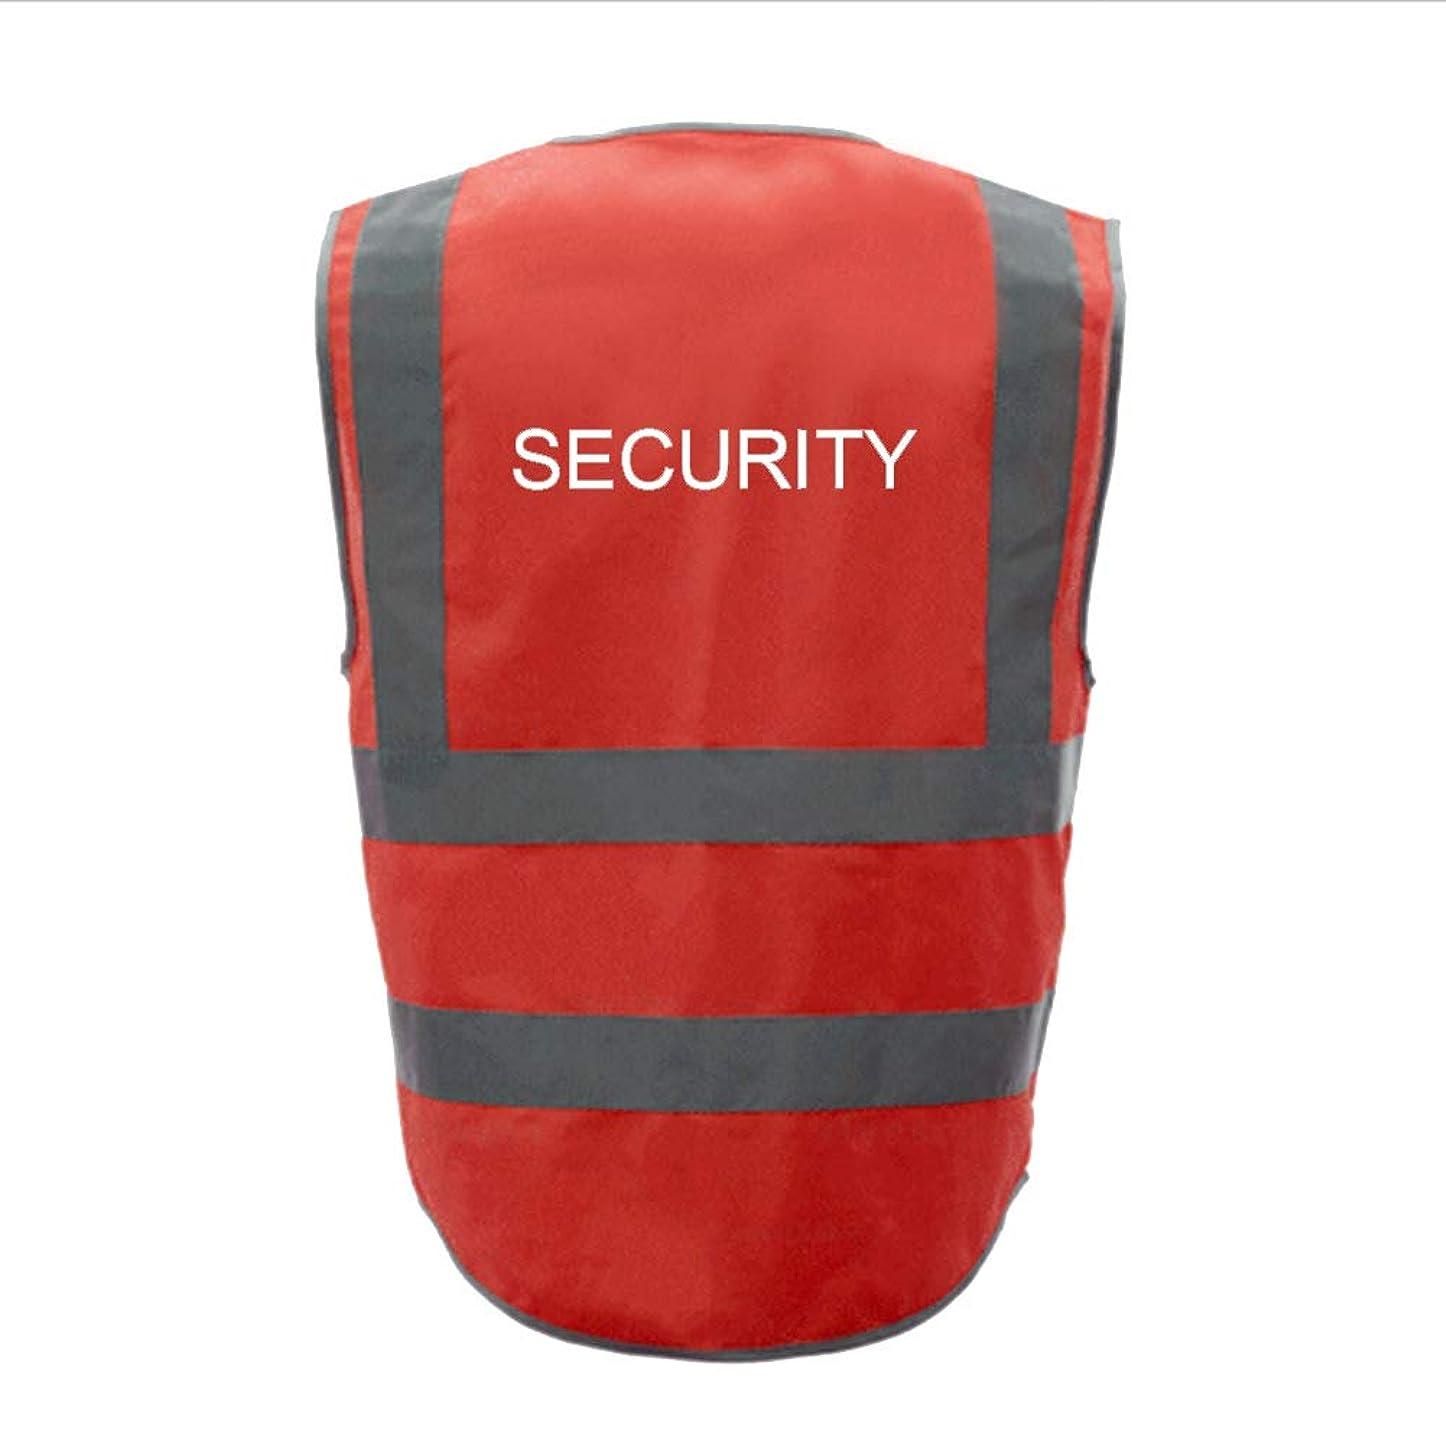 奨励収入抑圧するTOPTIE 50 PCSセキュリティ8ポケットジッパーフロント高視認性反射安全ベスト卸売 - レッド - XXL